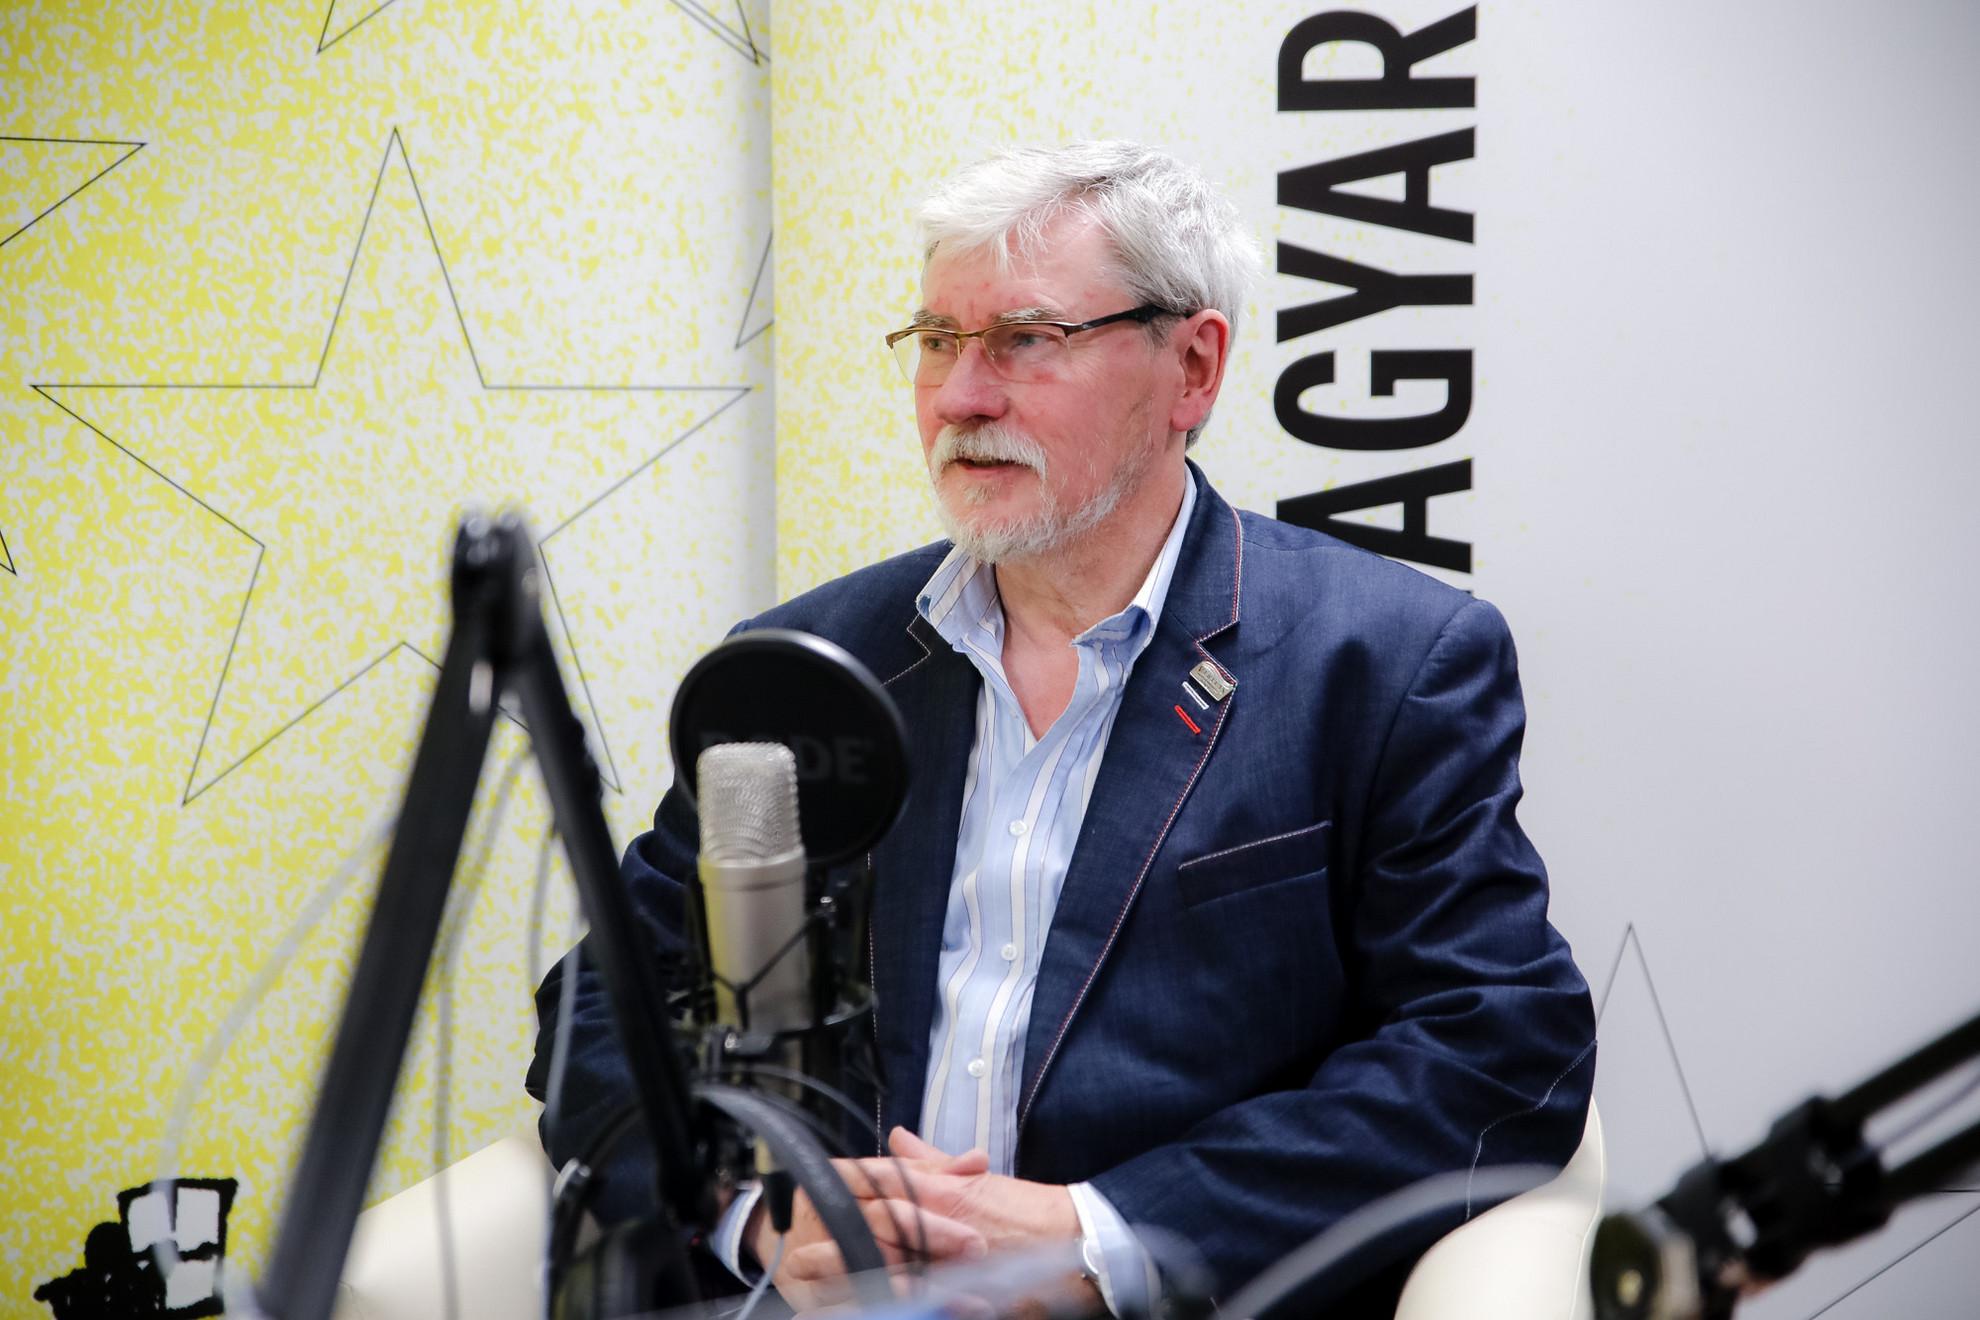 Szakály Sándor, a VERITAS Történetkutató Intézet és Levéltár főigazgatója a Faktumban